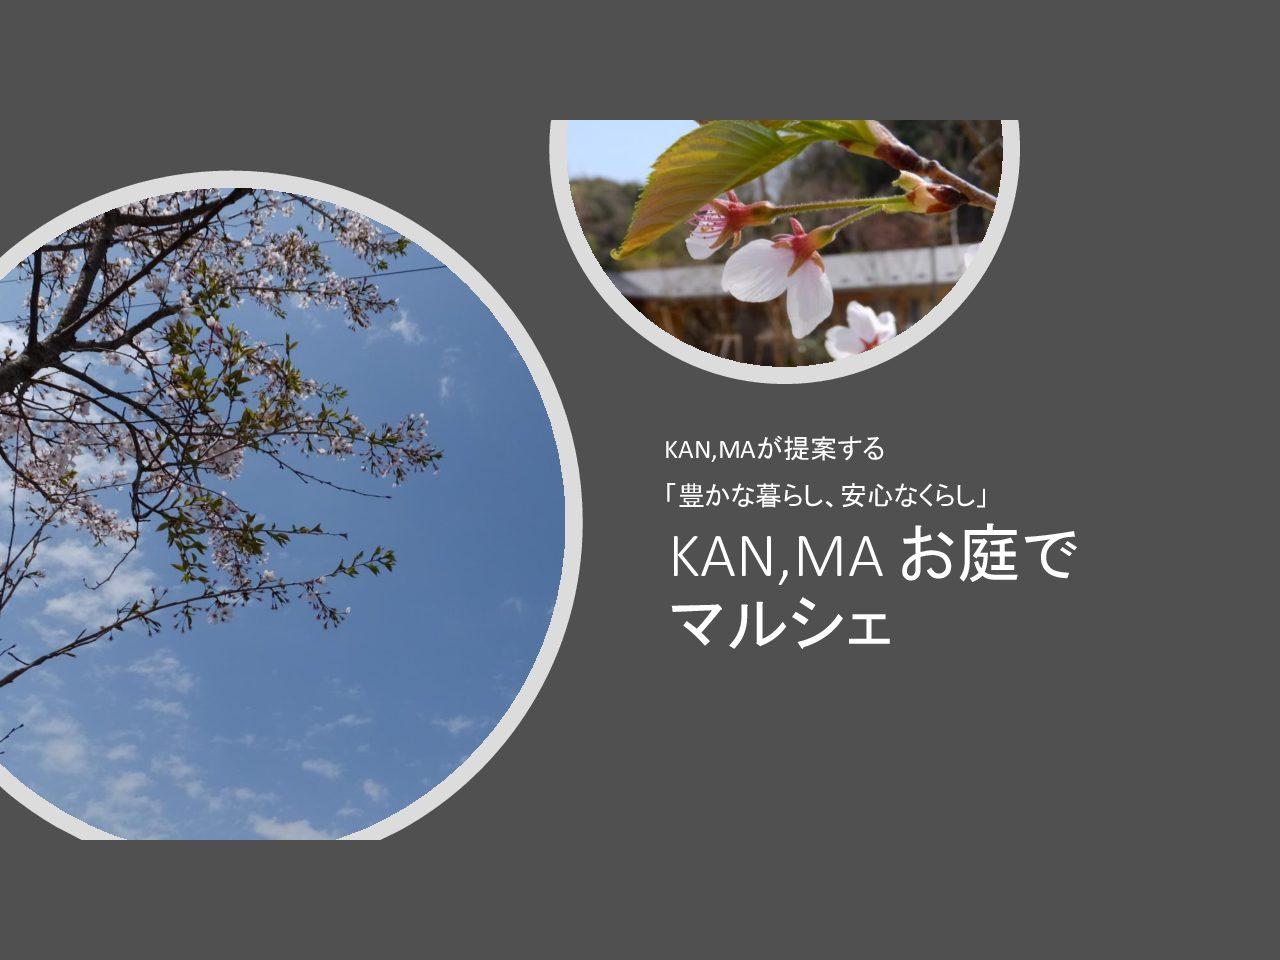 5/12(日)  KAN,MA上安でマルシェを開催します♪